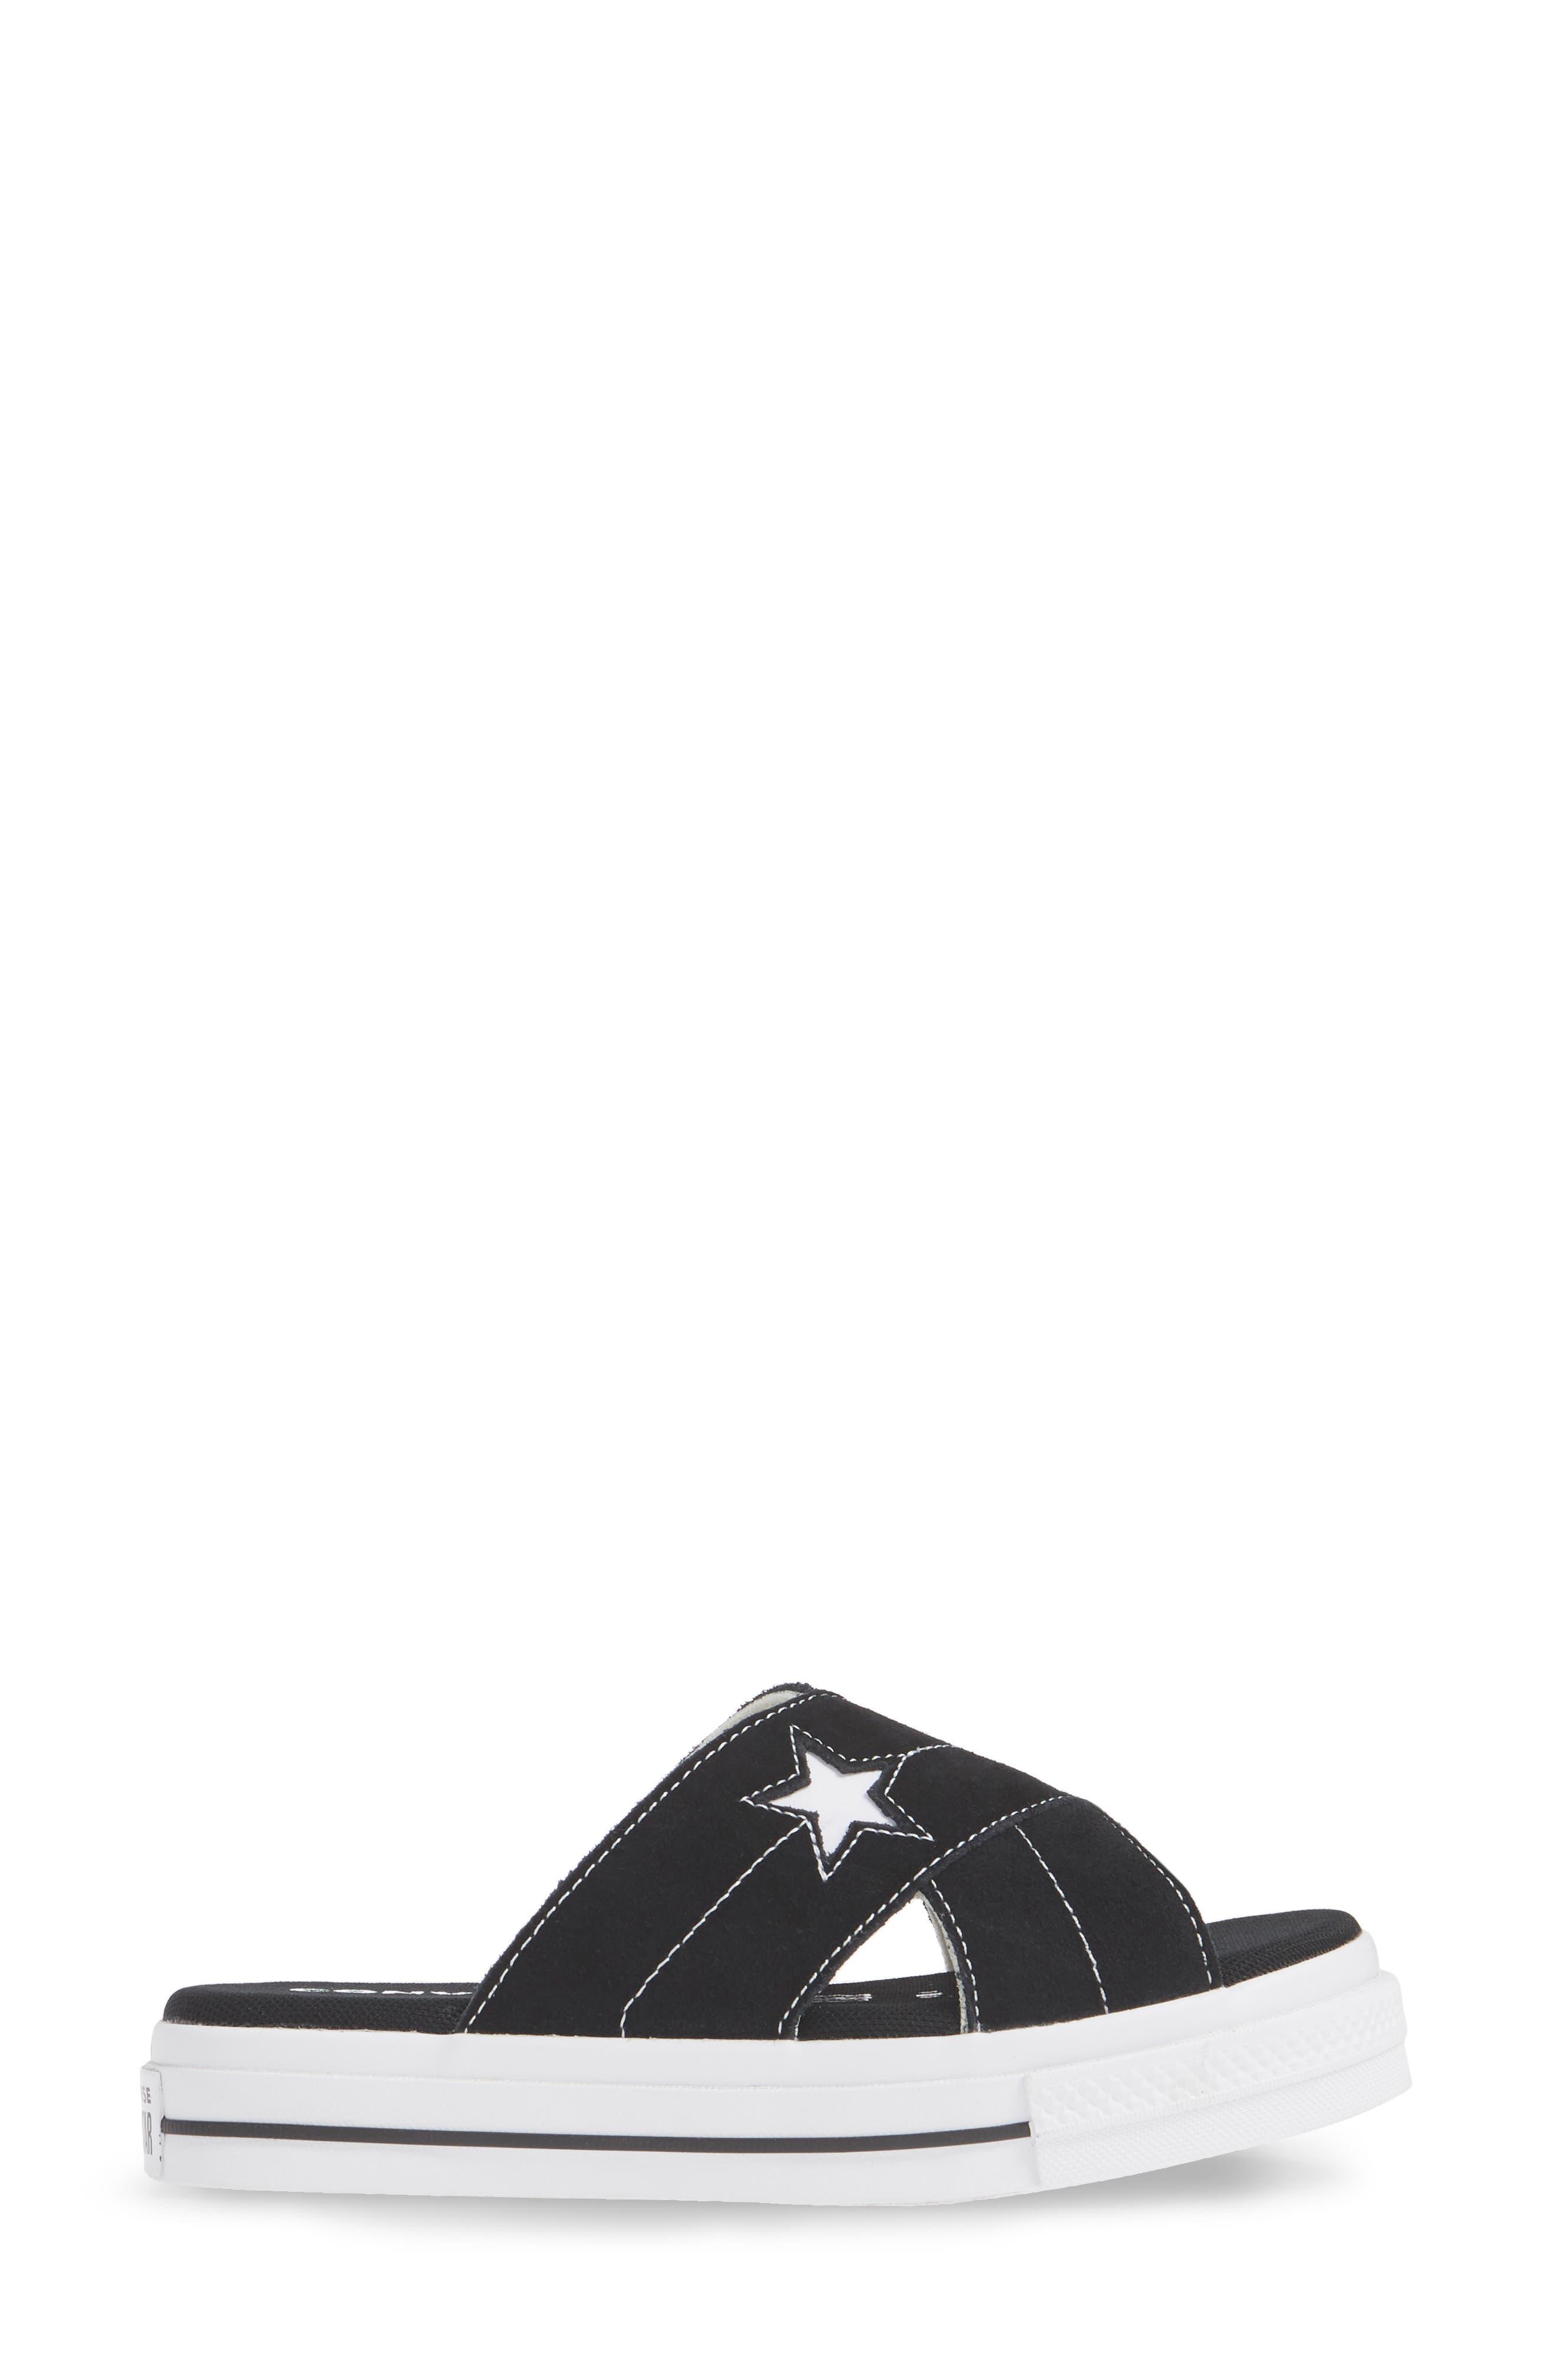 ,                             One Star Platform Slide Sandal,                             Alternate thumbnail 3, color,                             BLACK/ EGRET/ WHITE